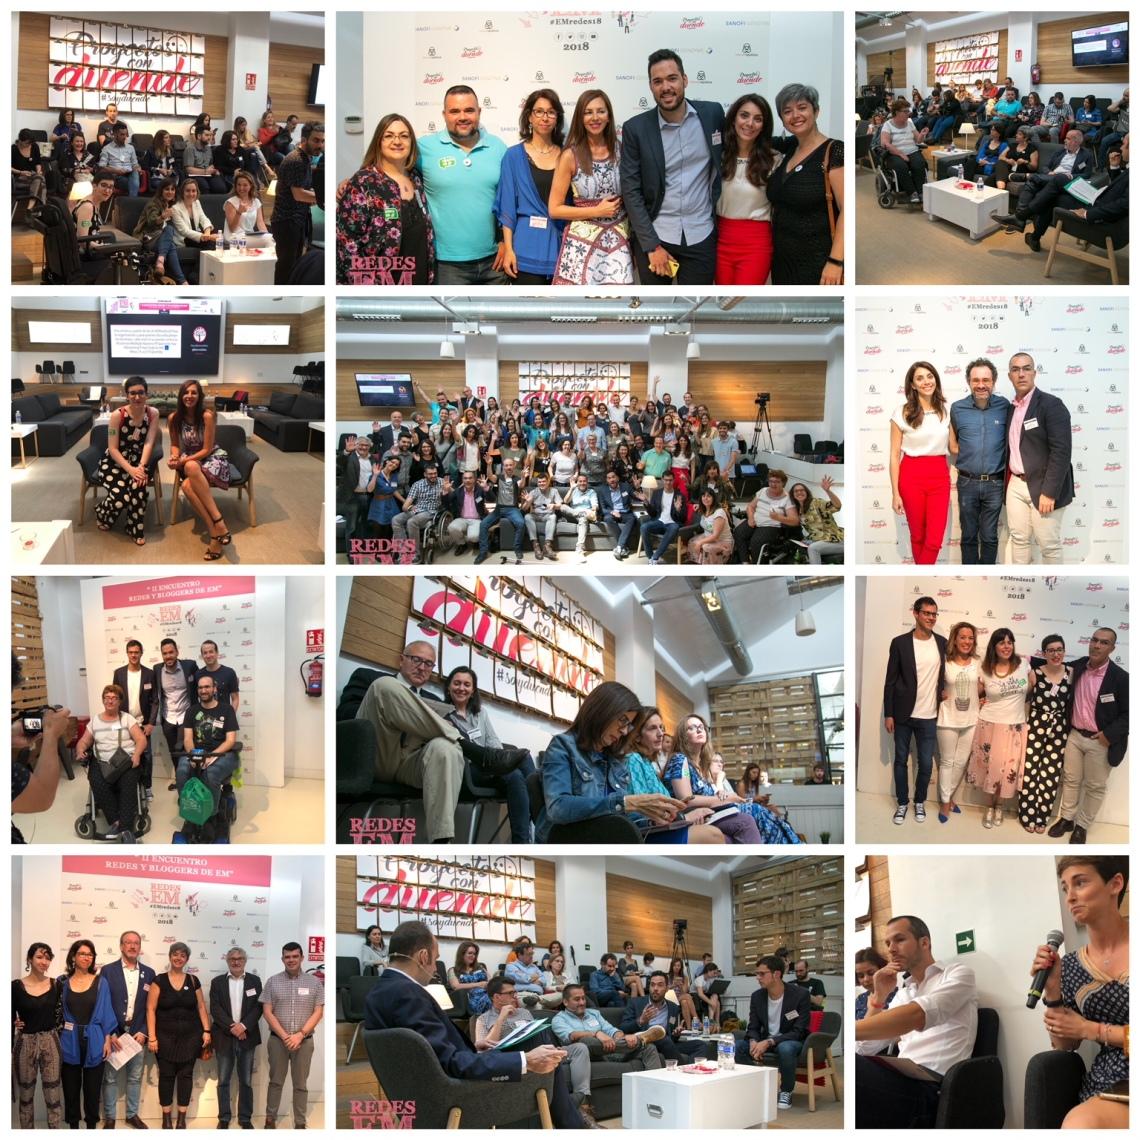 II Encuentro de Redes y Esclerosis Múltiple EMredes18